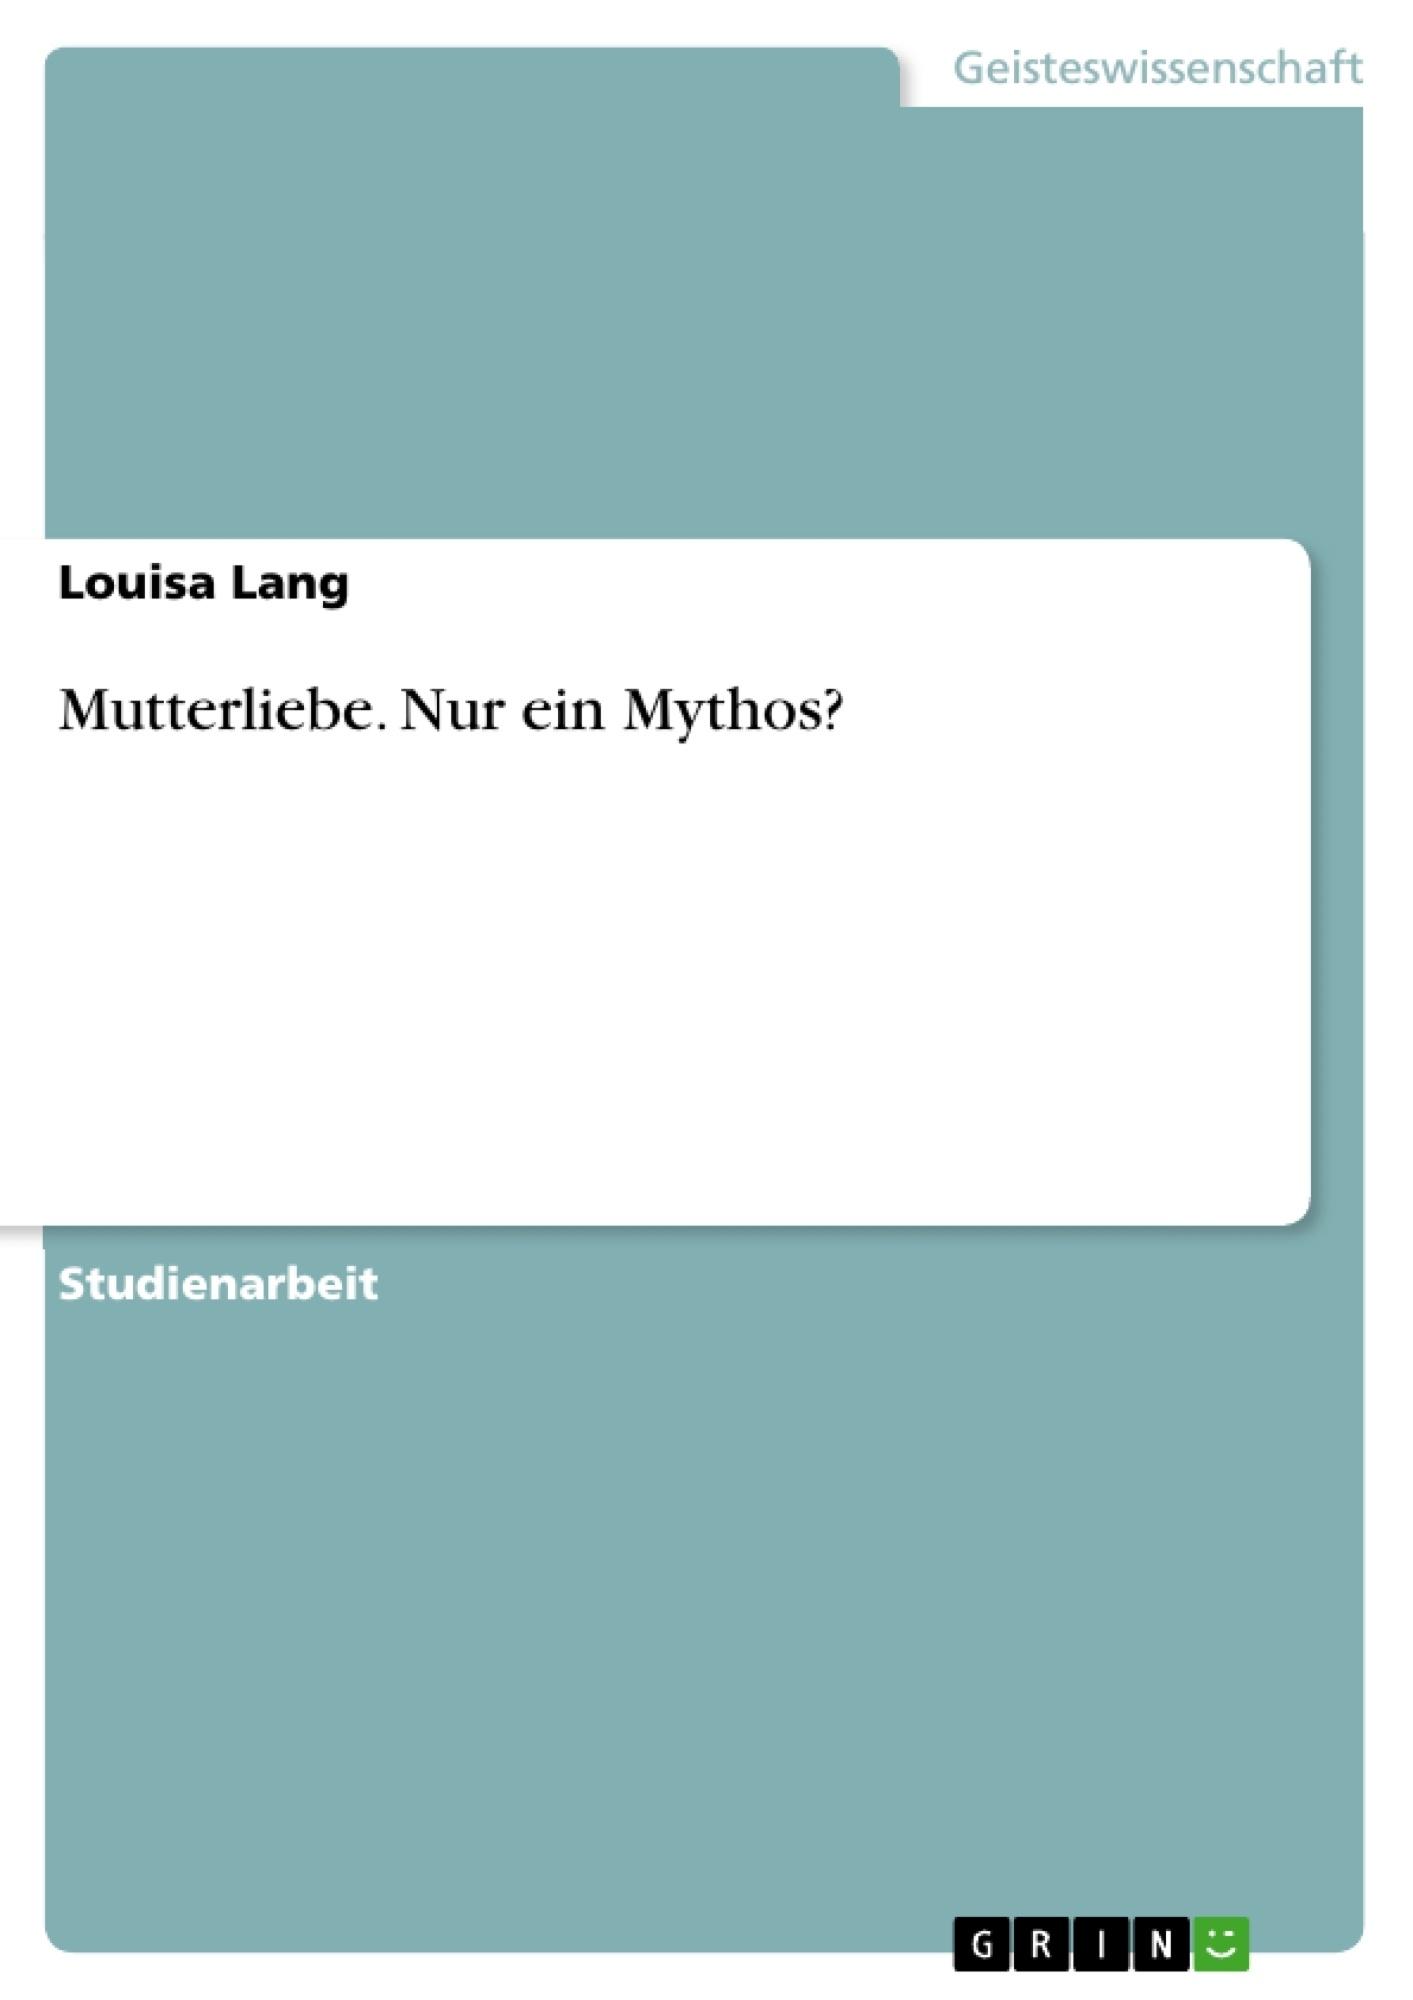 Titel: Mutterliebe. Nur ein Mythos?